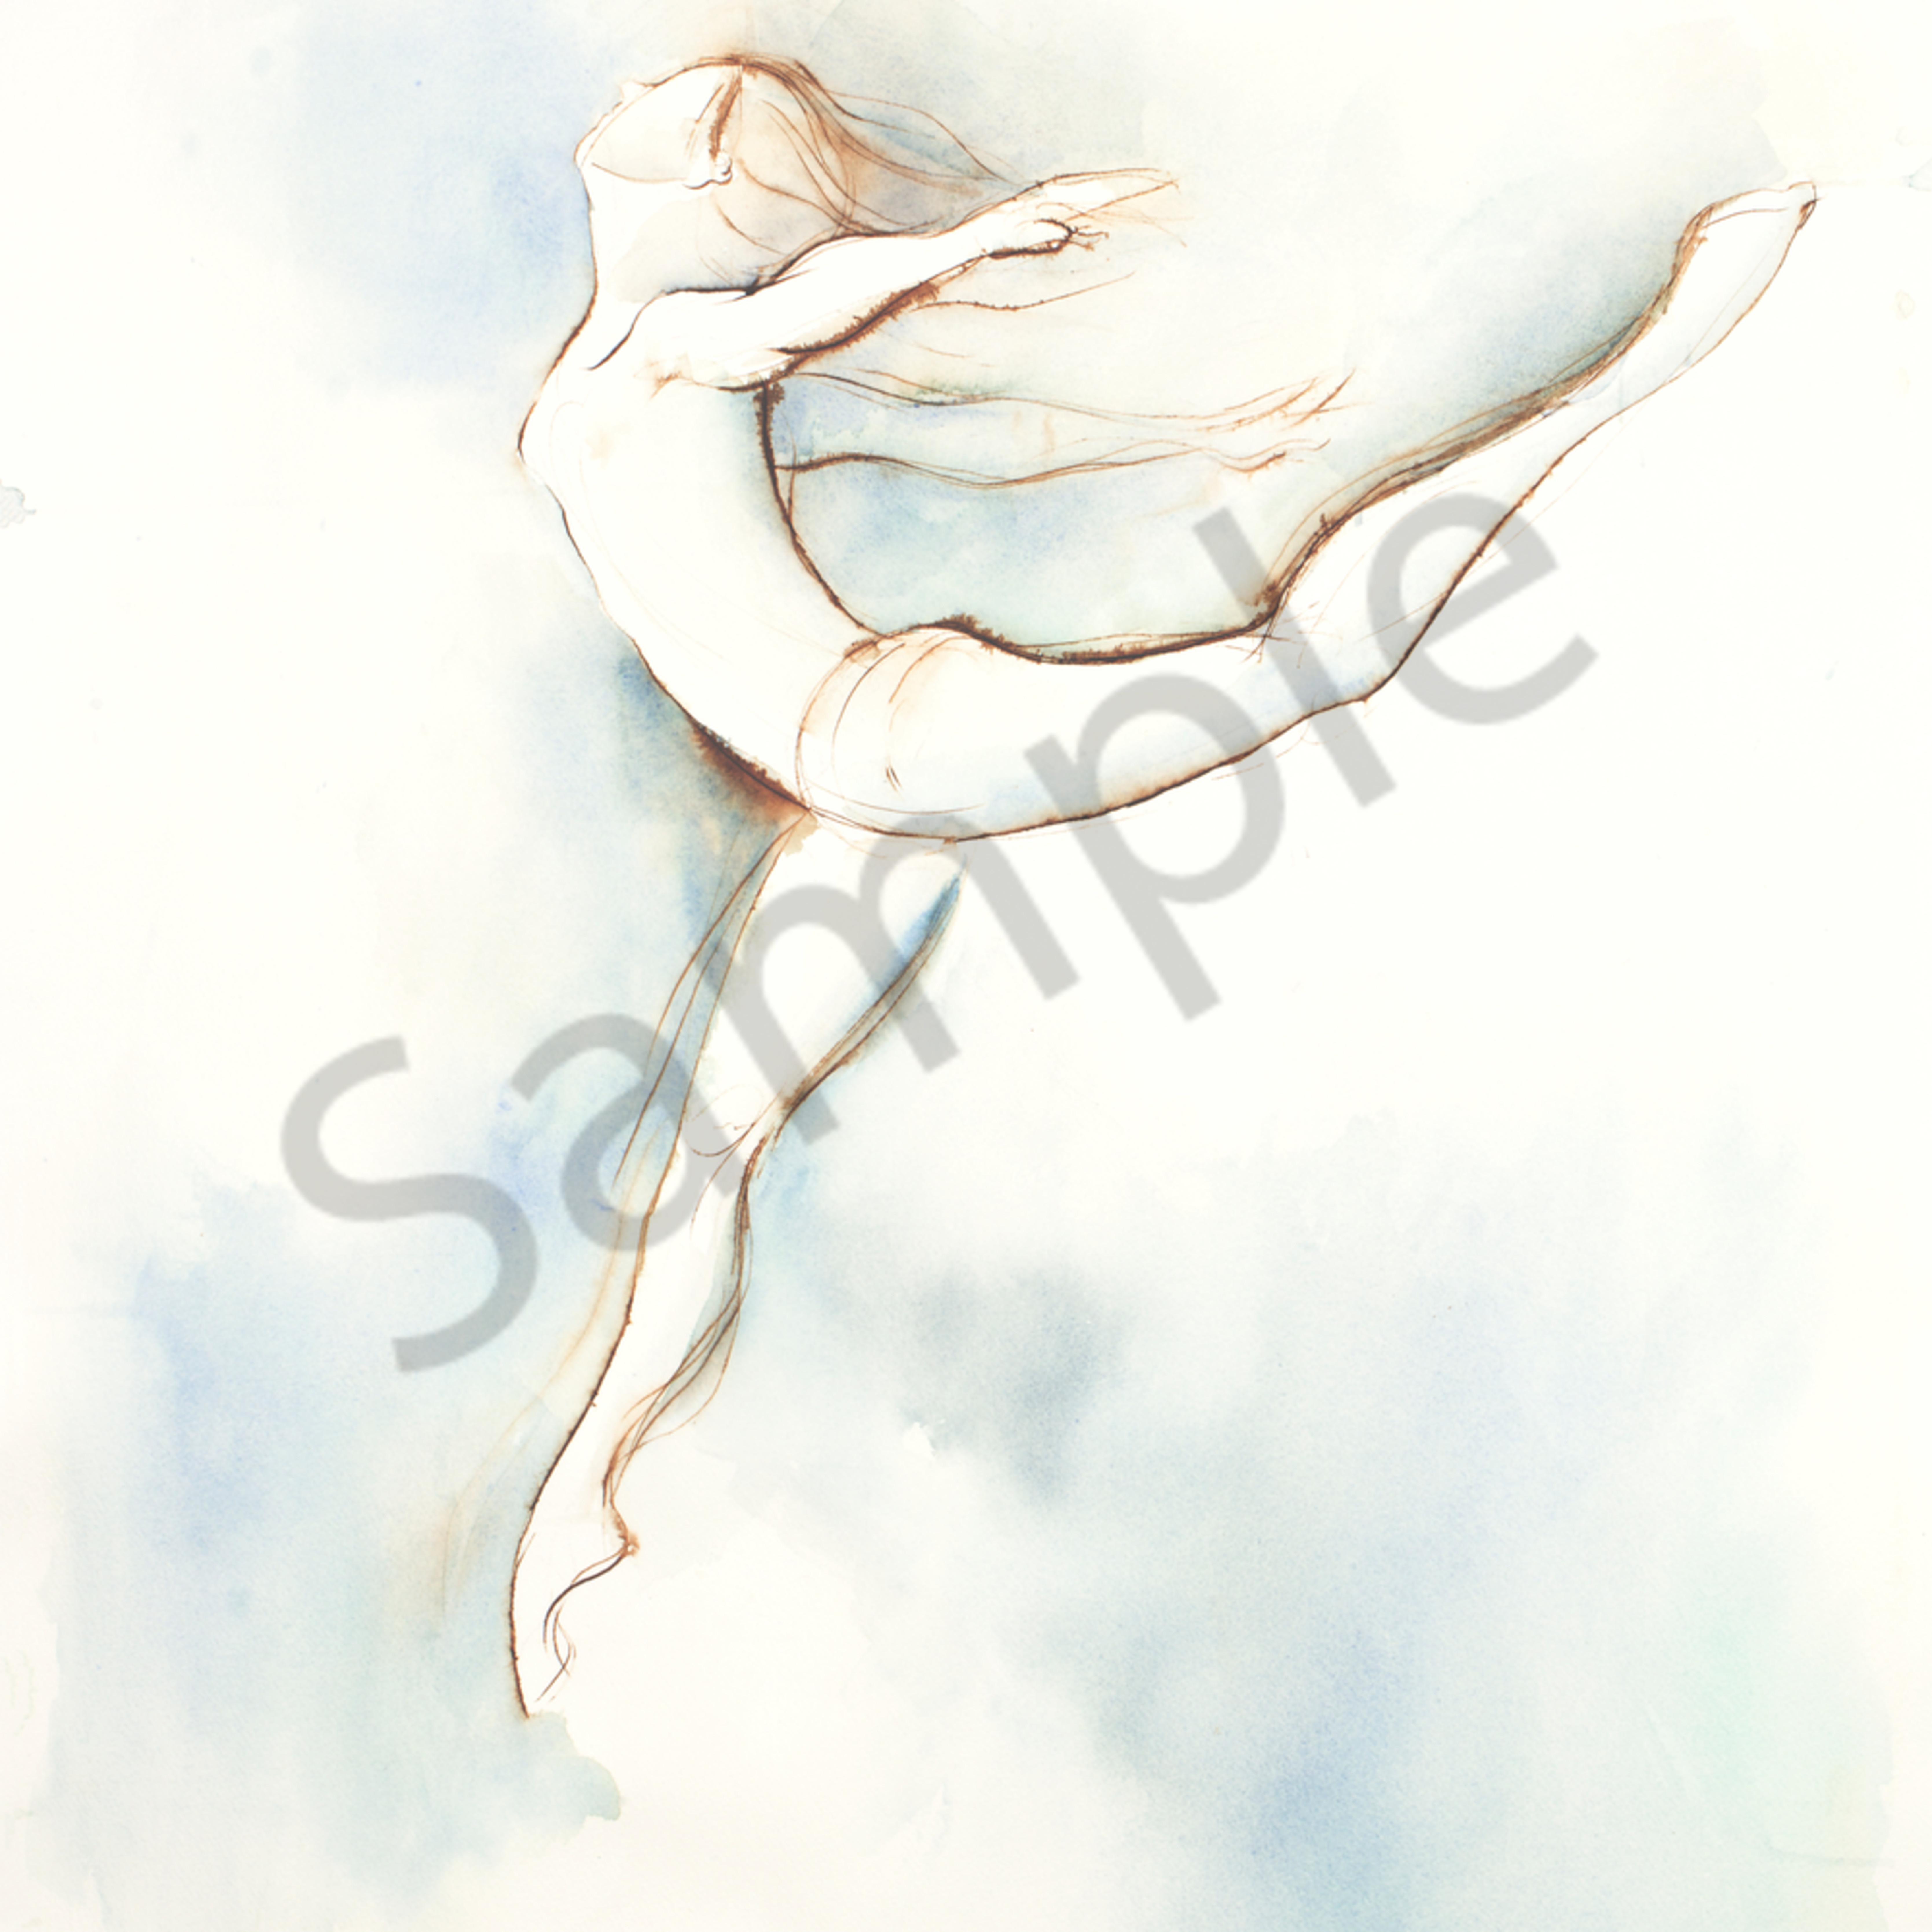 Blue brown leap print wxyzgy